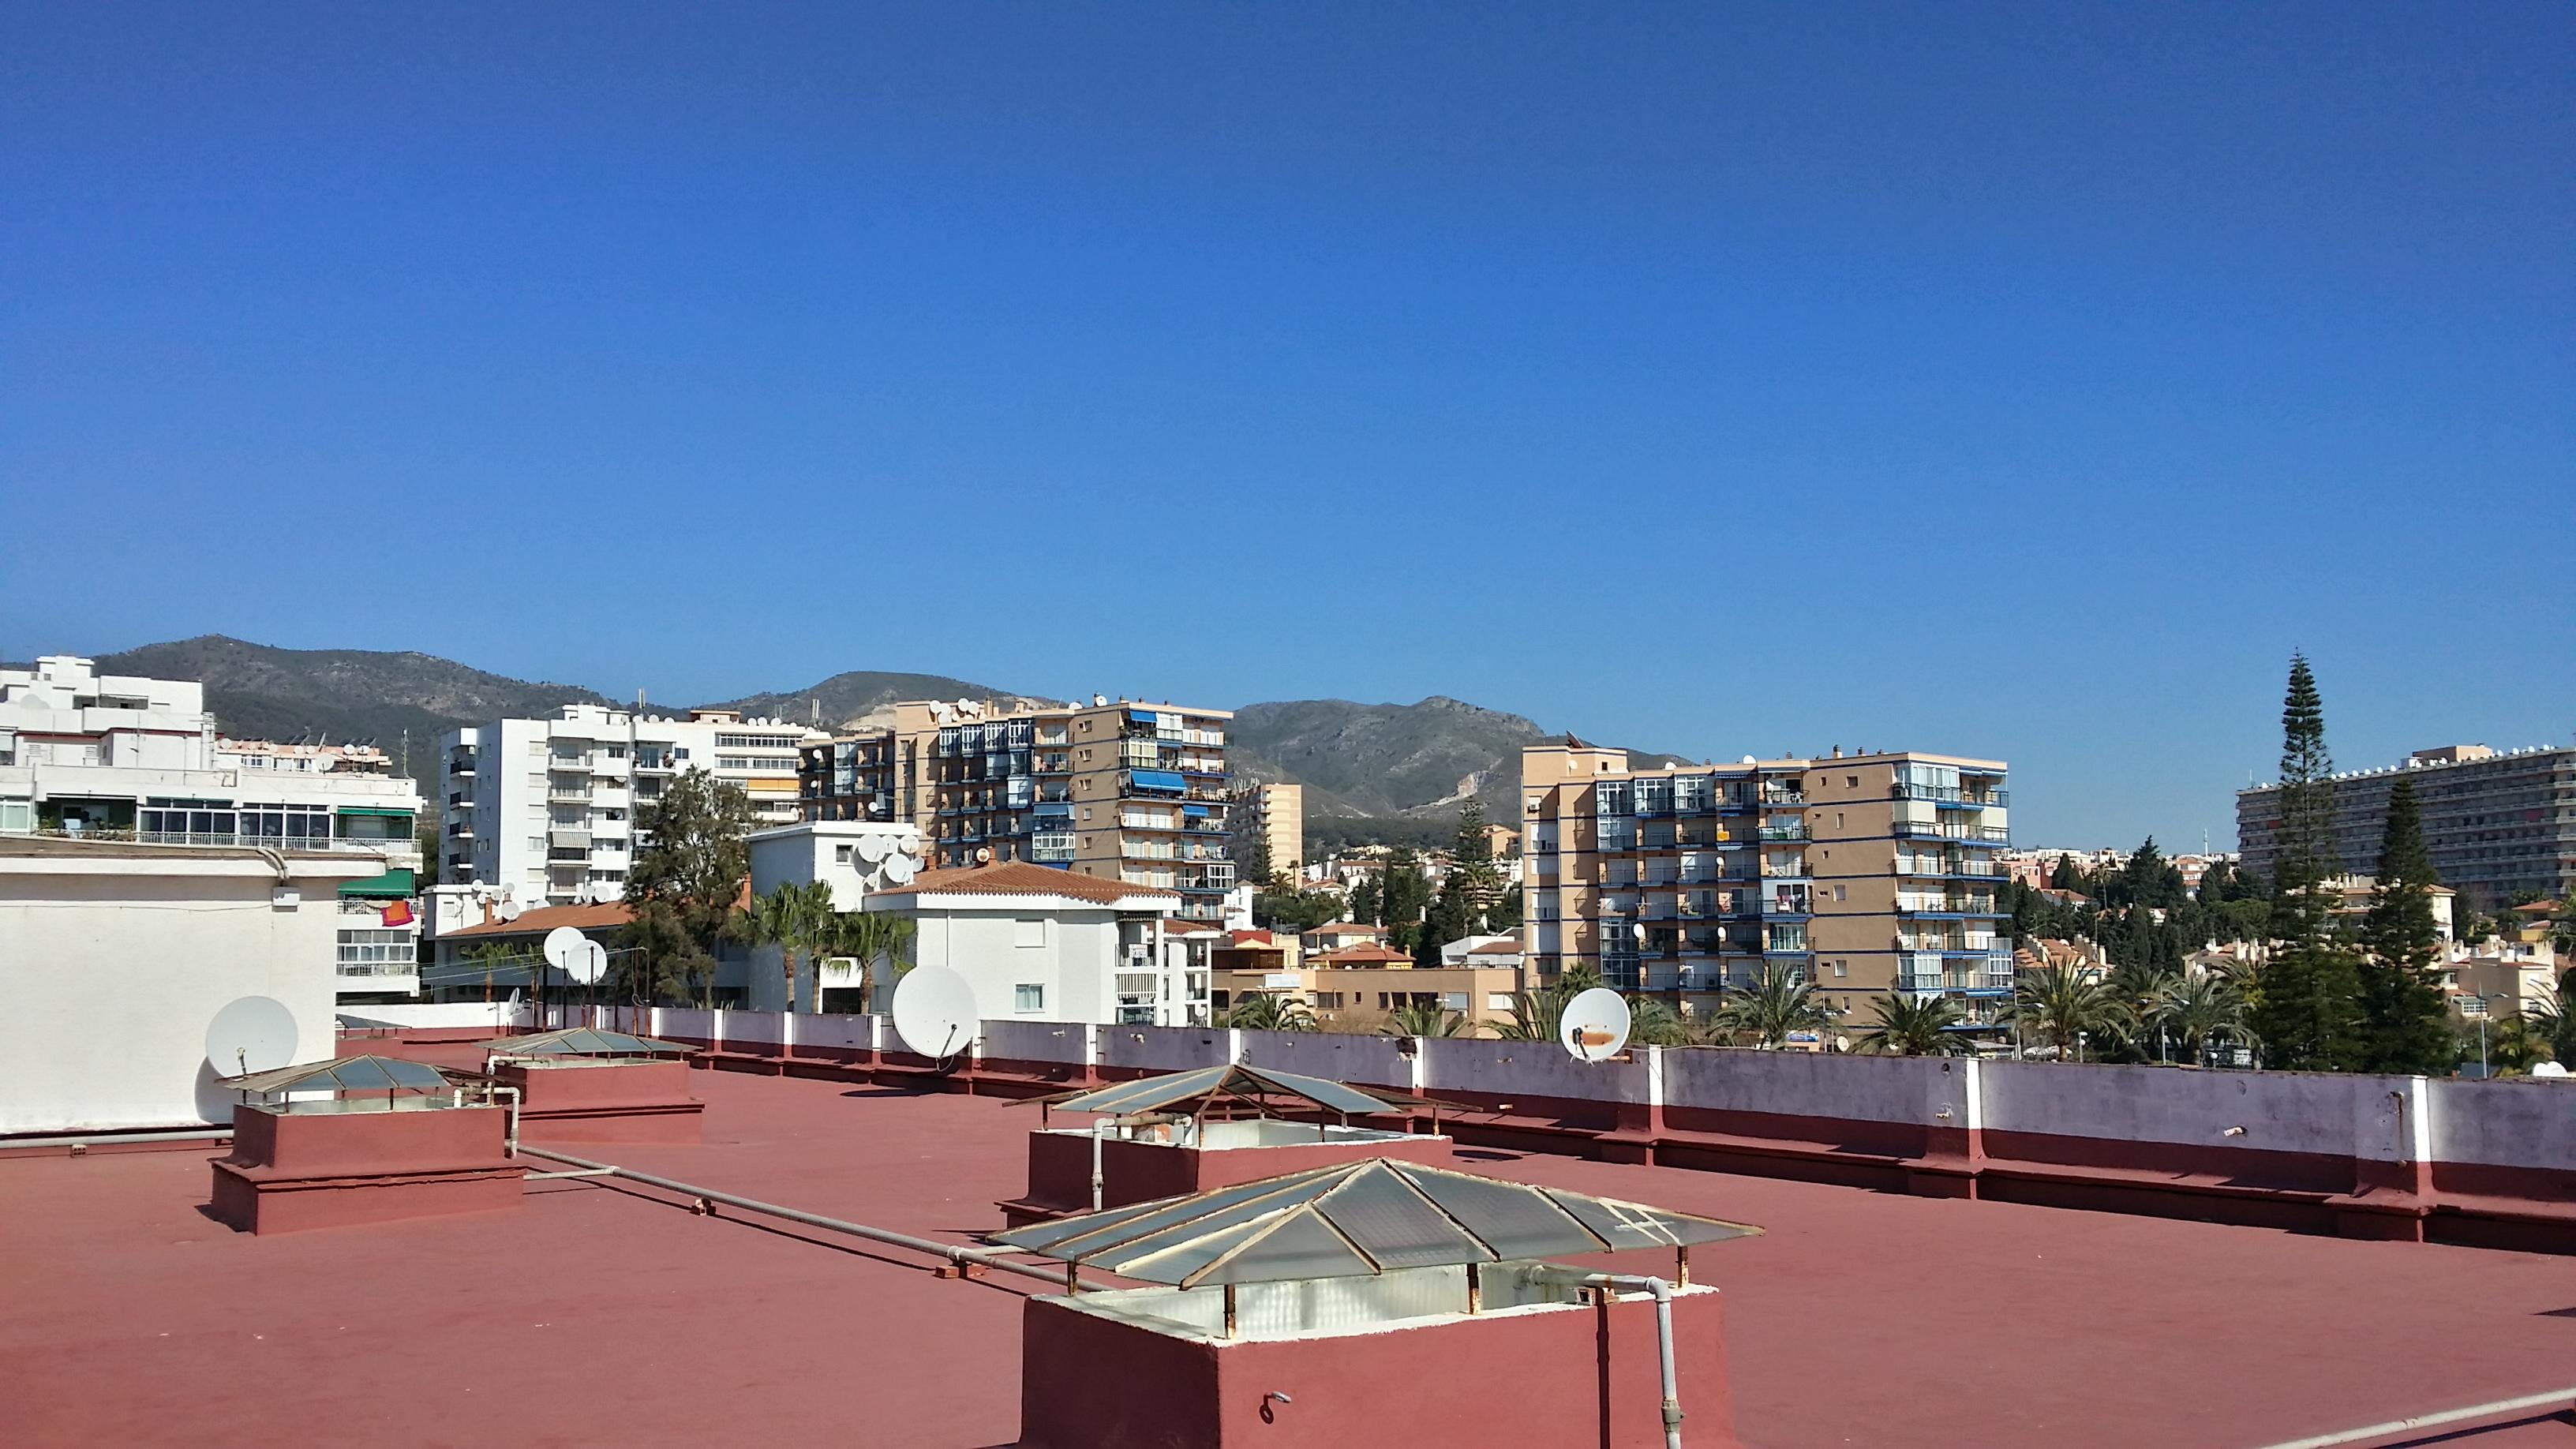 Big rooftop